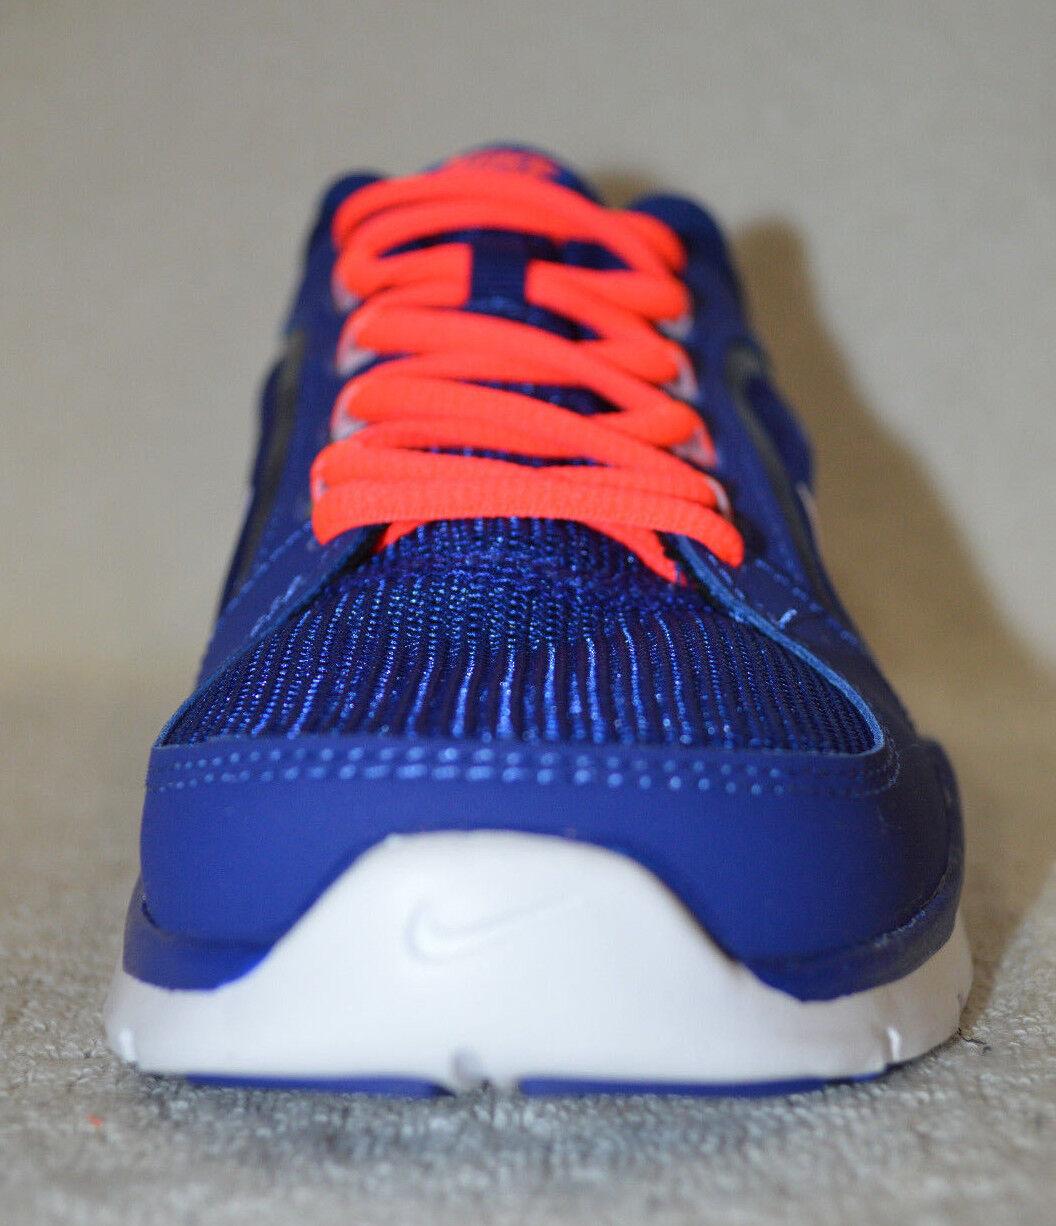 Nike Flex Trainer Cross-Zapatillas 4 Azul lava caliente para mujer Cross-Zapatillas Trainer Zapatos-Talla 6.5 Nuevos Sin Caja 5f76c3